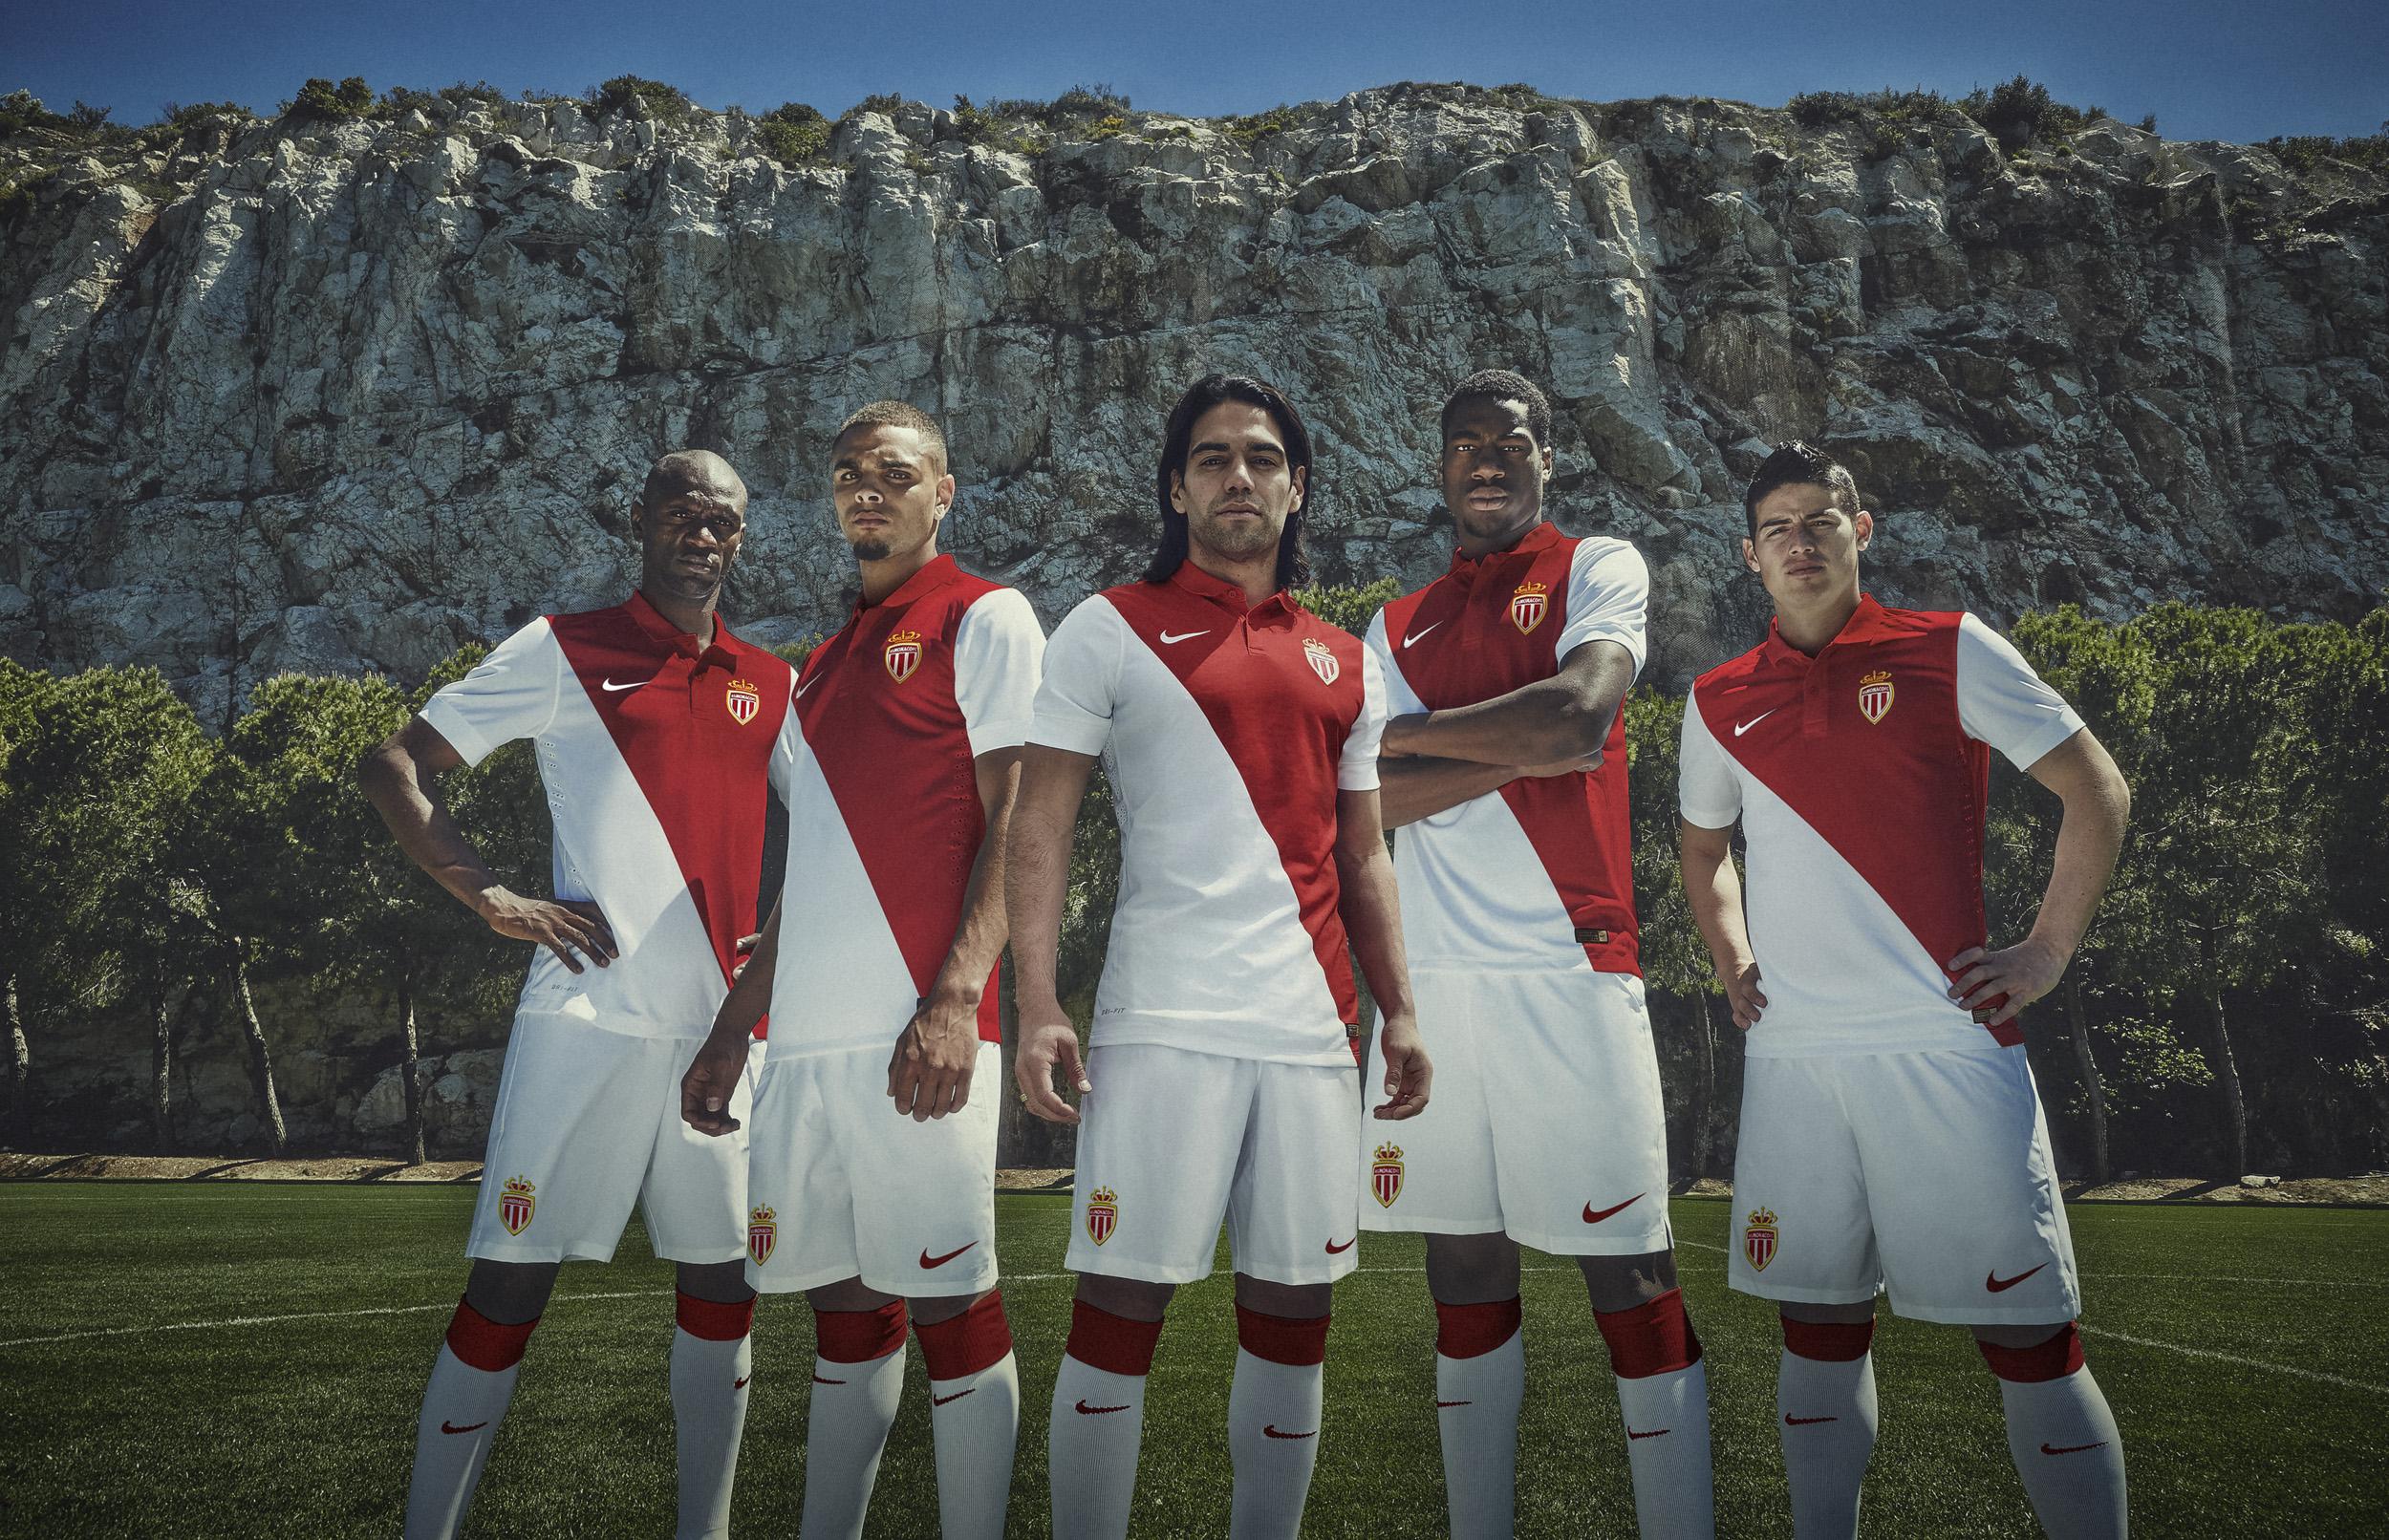 monaco club football